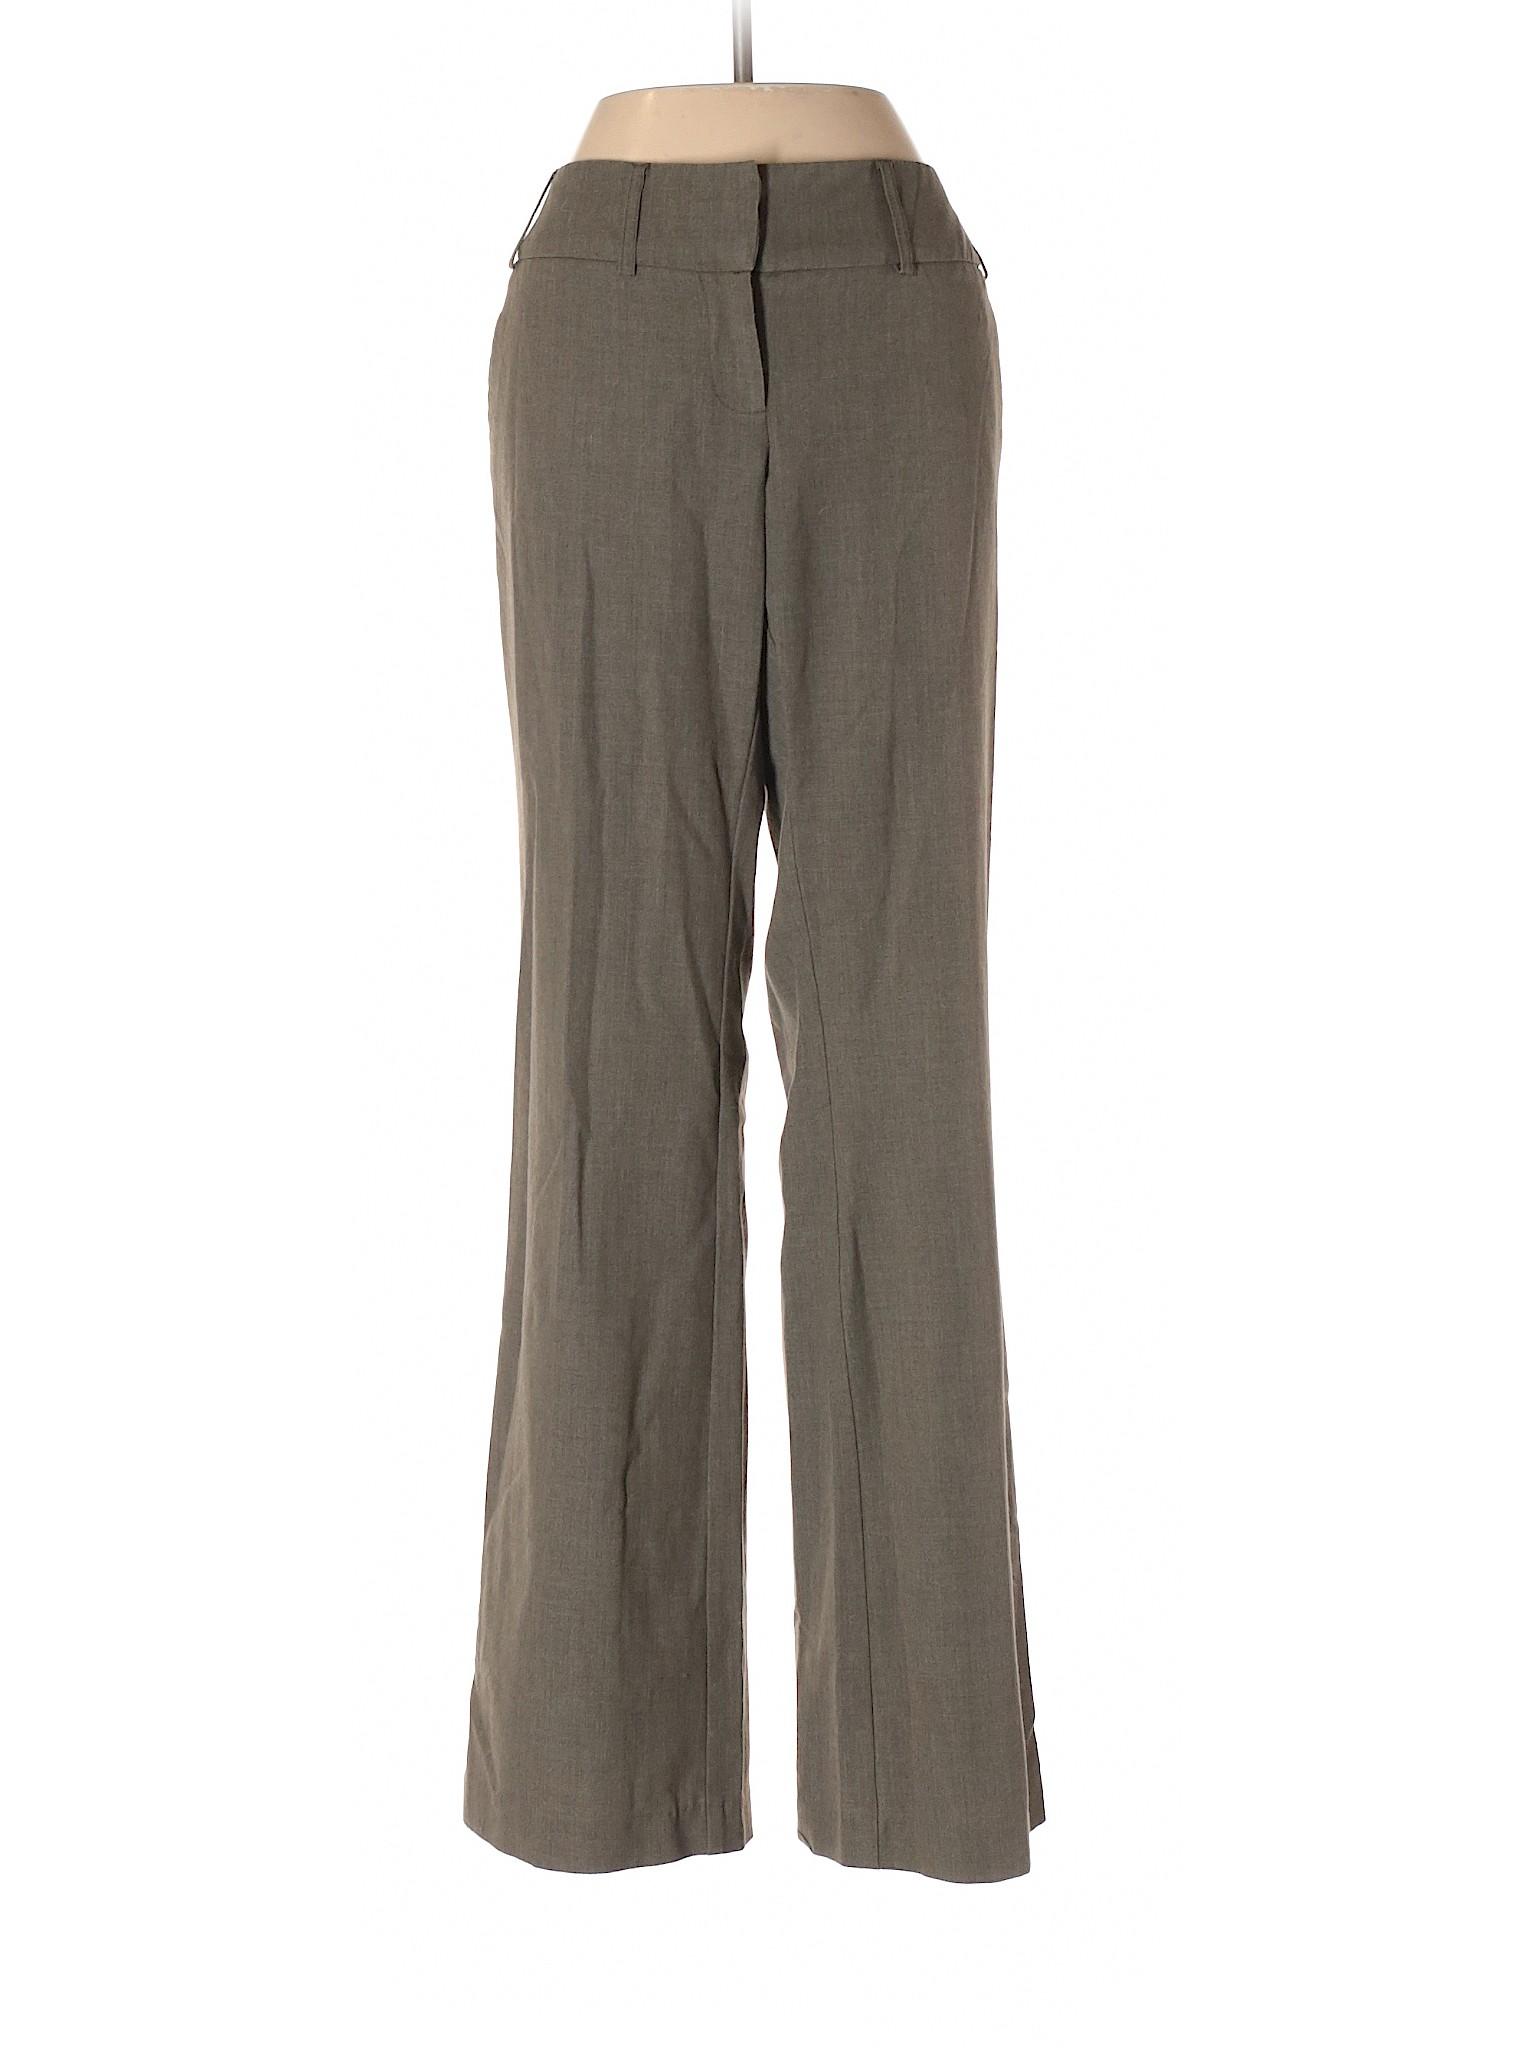 Limited Pants Dress The Boutique leisure qZTP1x0